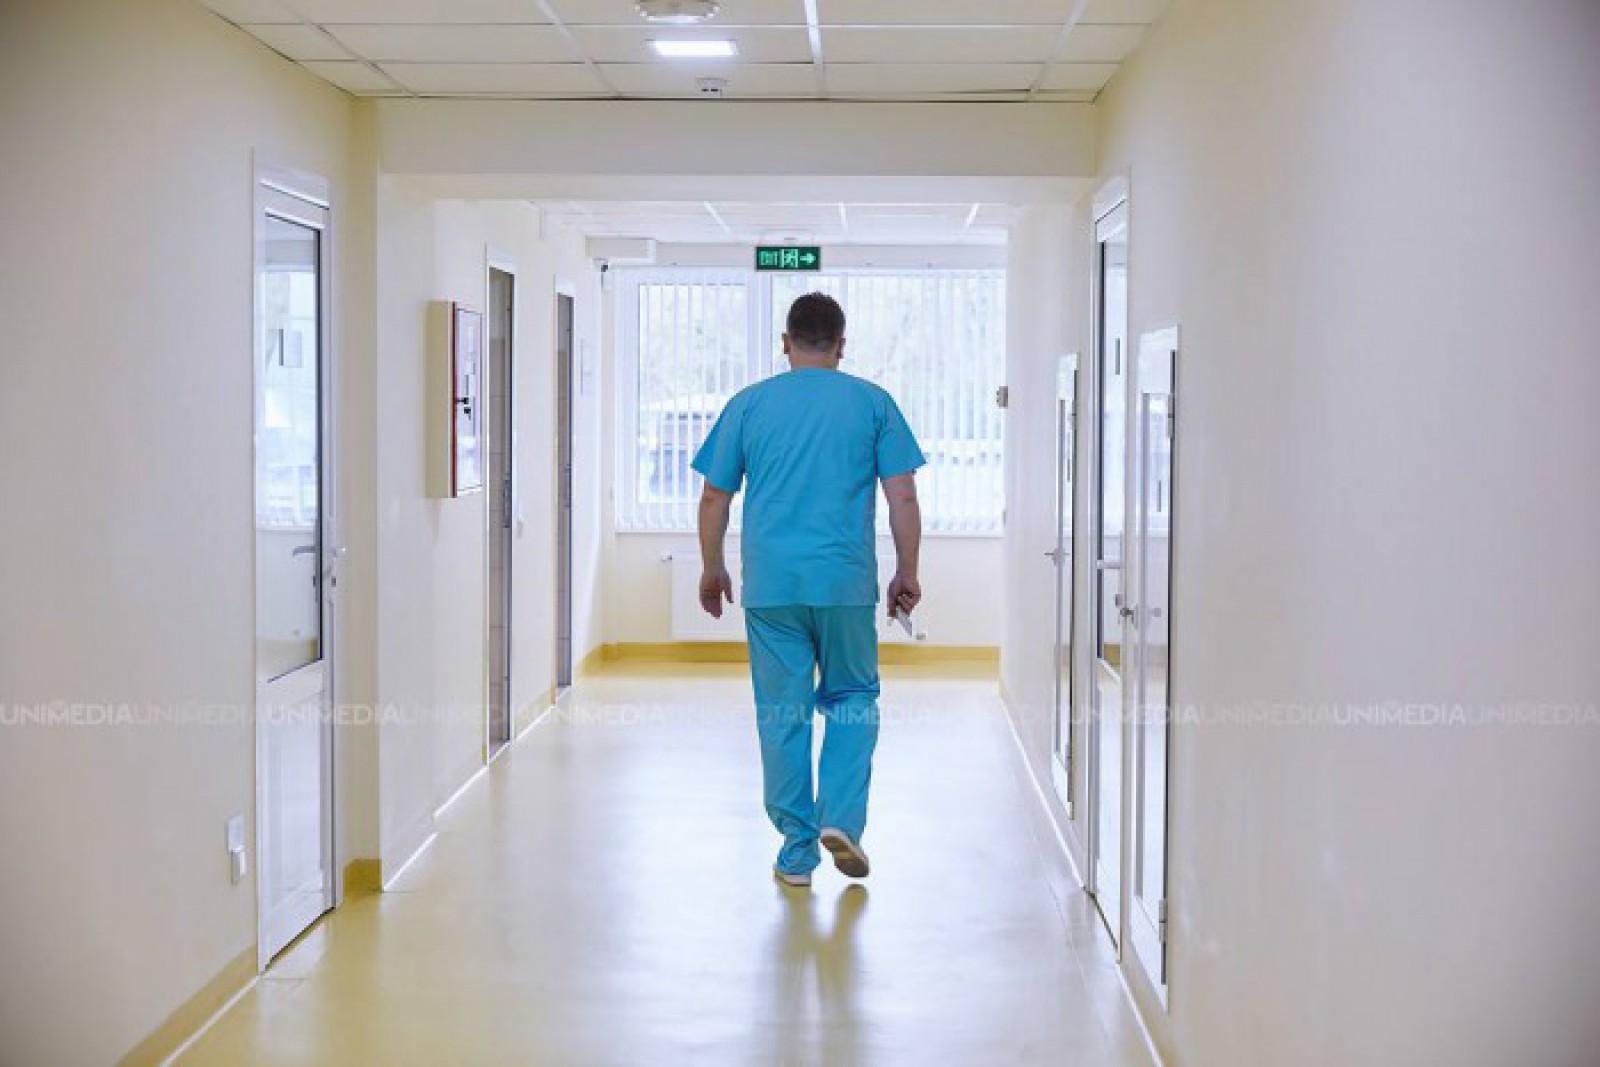 Eliberau certificate de sănătate fără a supune verificărilor medicale. Mai mulți medici din Ceadîr-Lunga, prinși de CNA